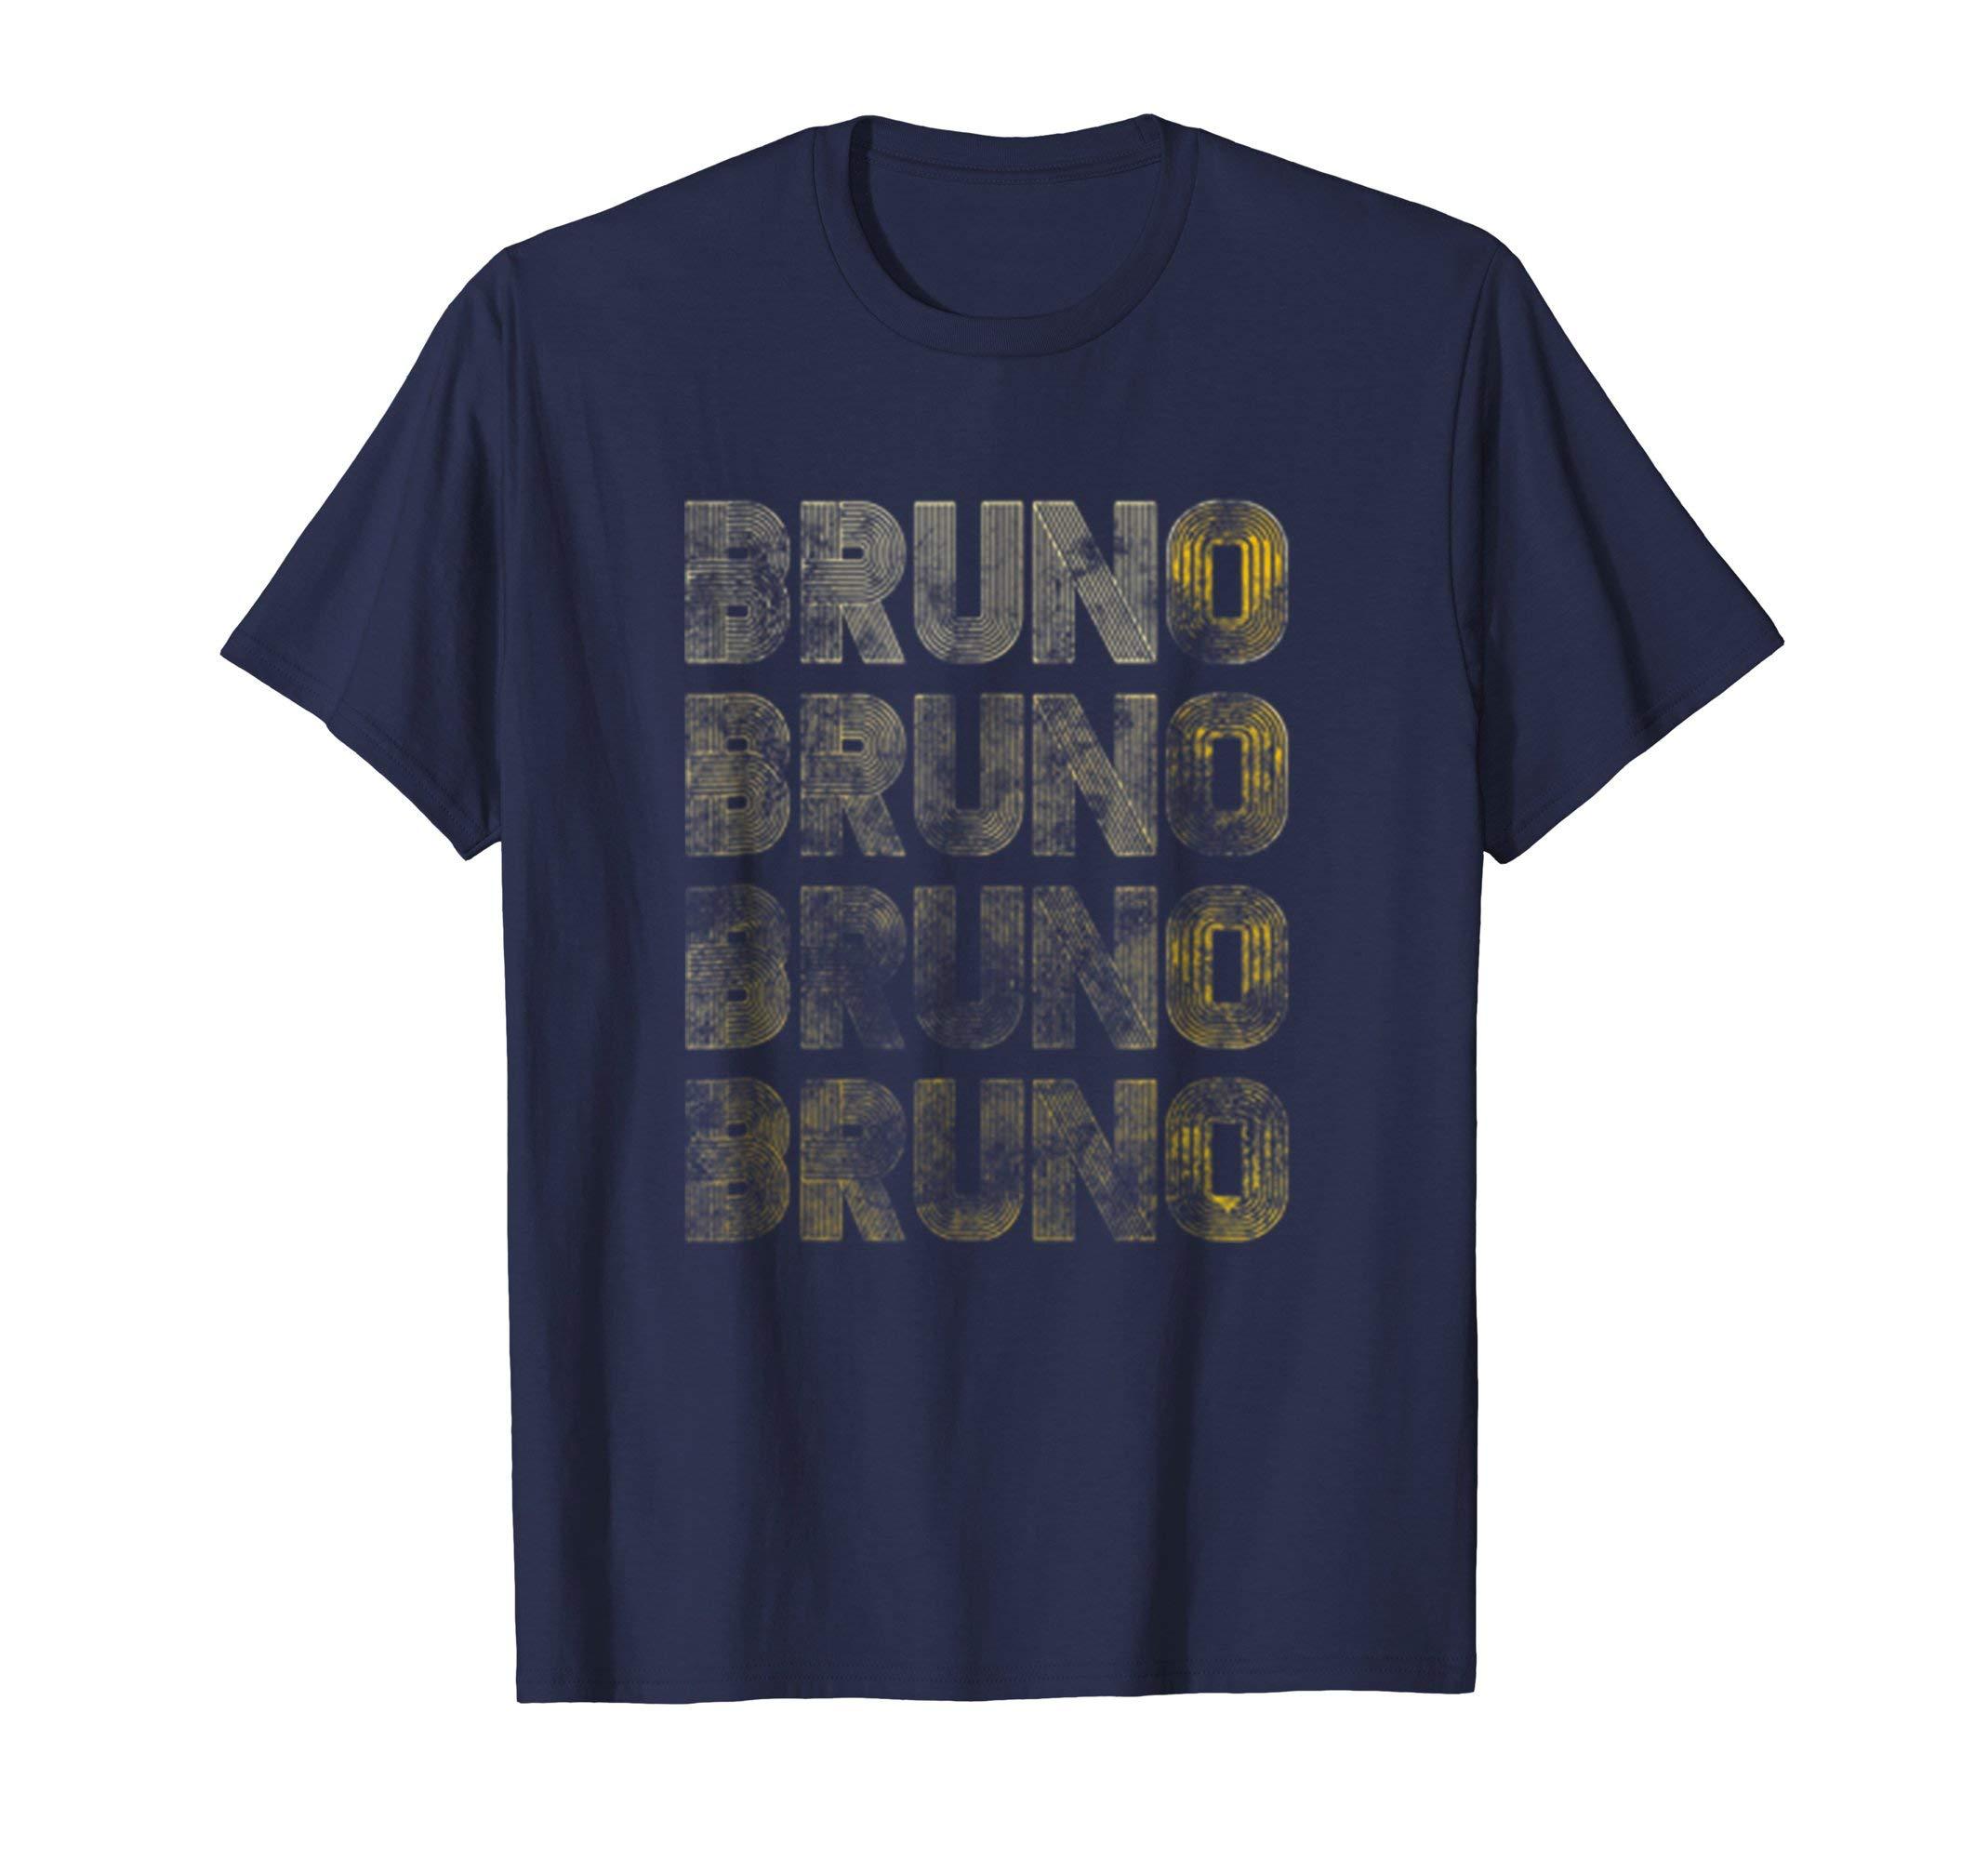 Love Heart Bruno Shirt Grunge/vintage Style